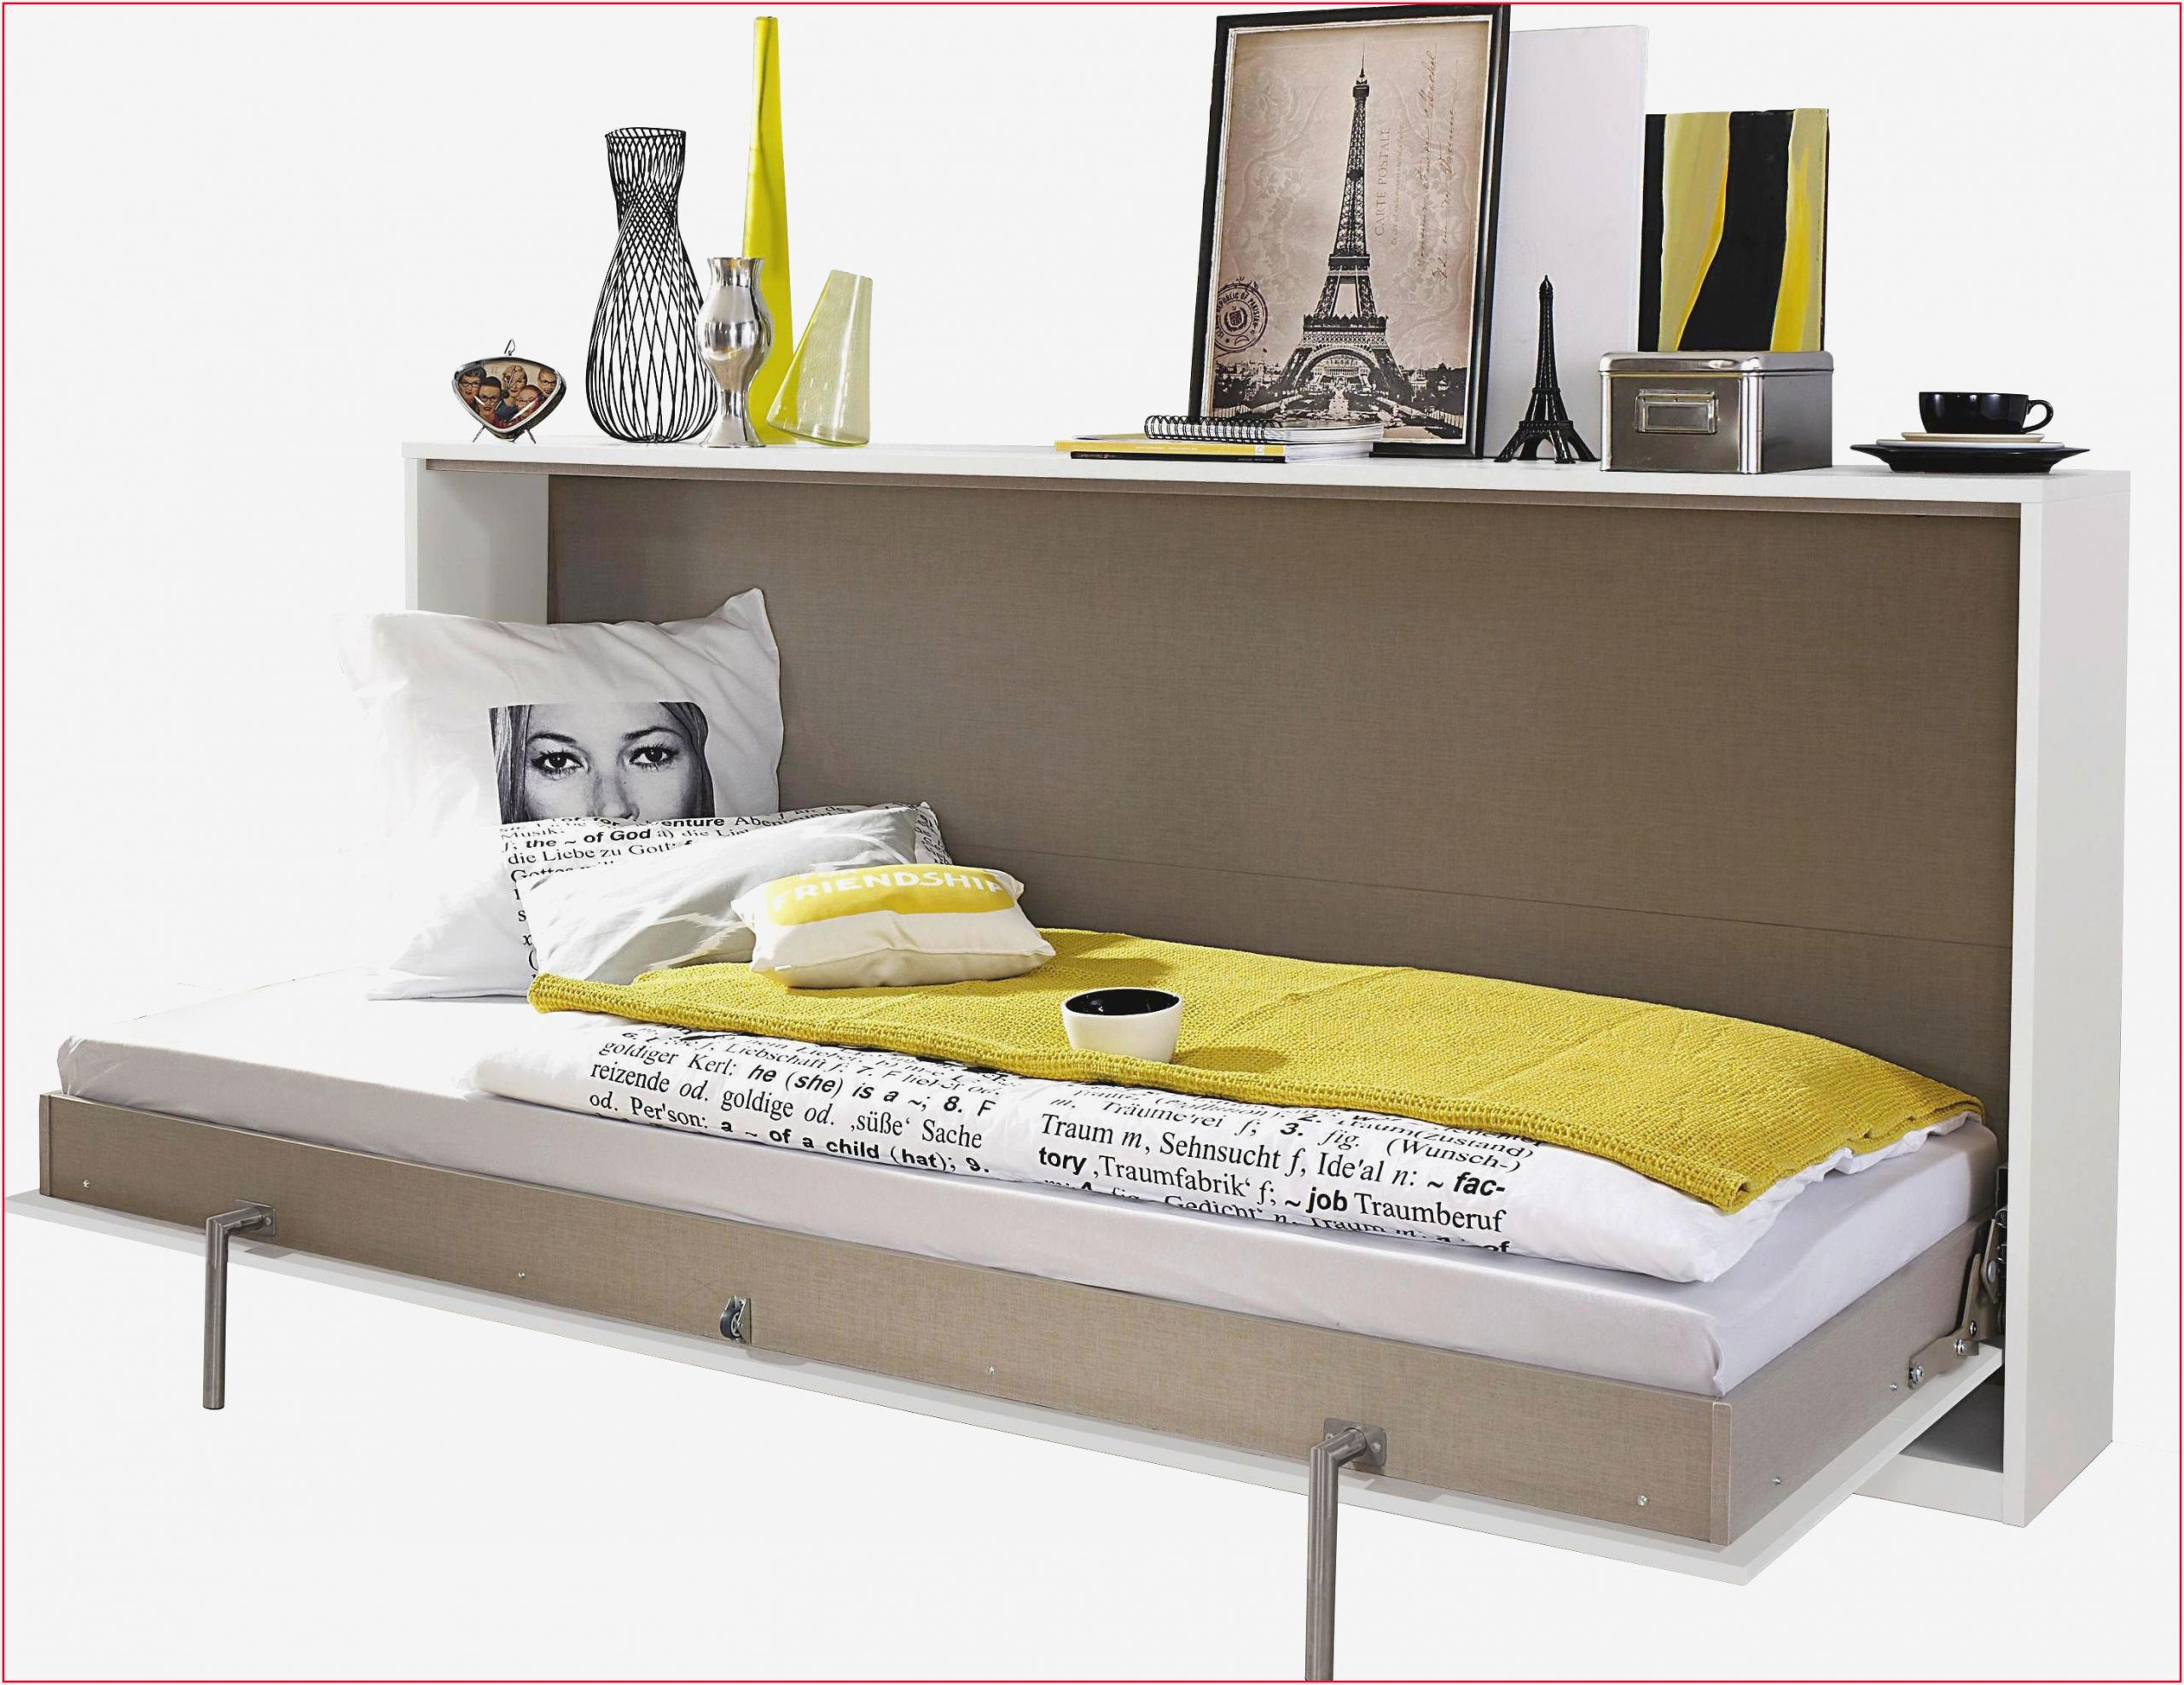 Full Size of Eckkleiderschrank Kinderzimmer Ikea Traumhaus Regal Sofa Weiß Regale Kinderzimmer Eckkleiderschrank Kinderzimmer